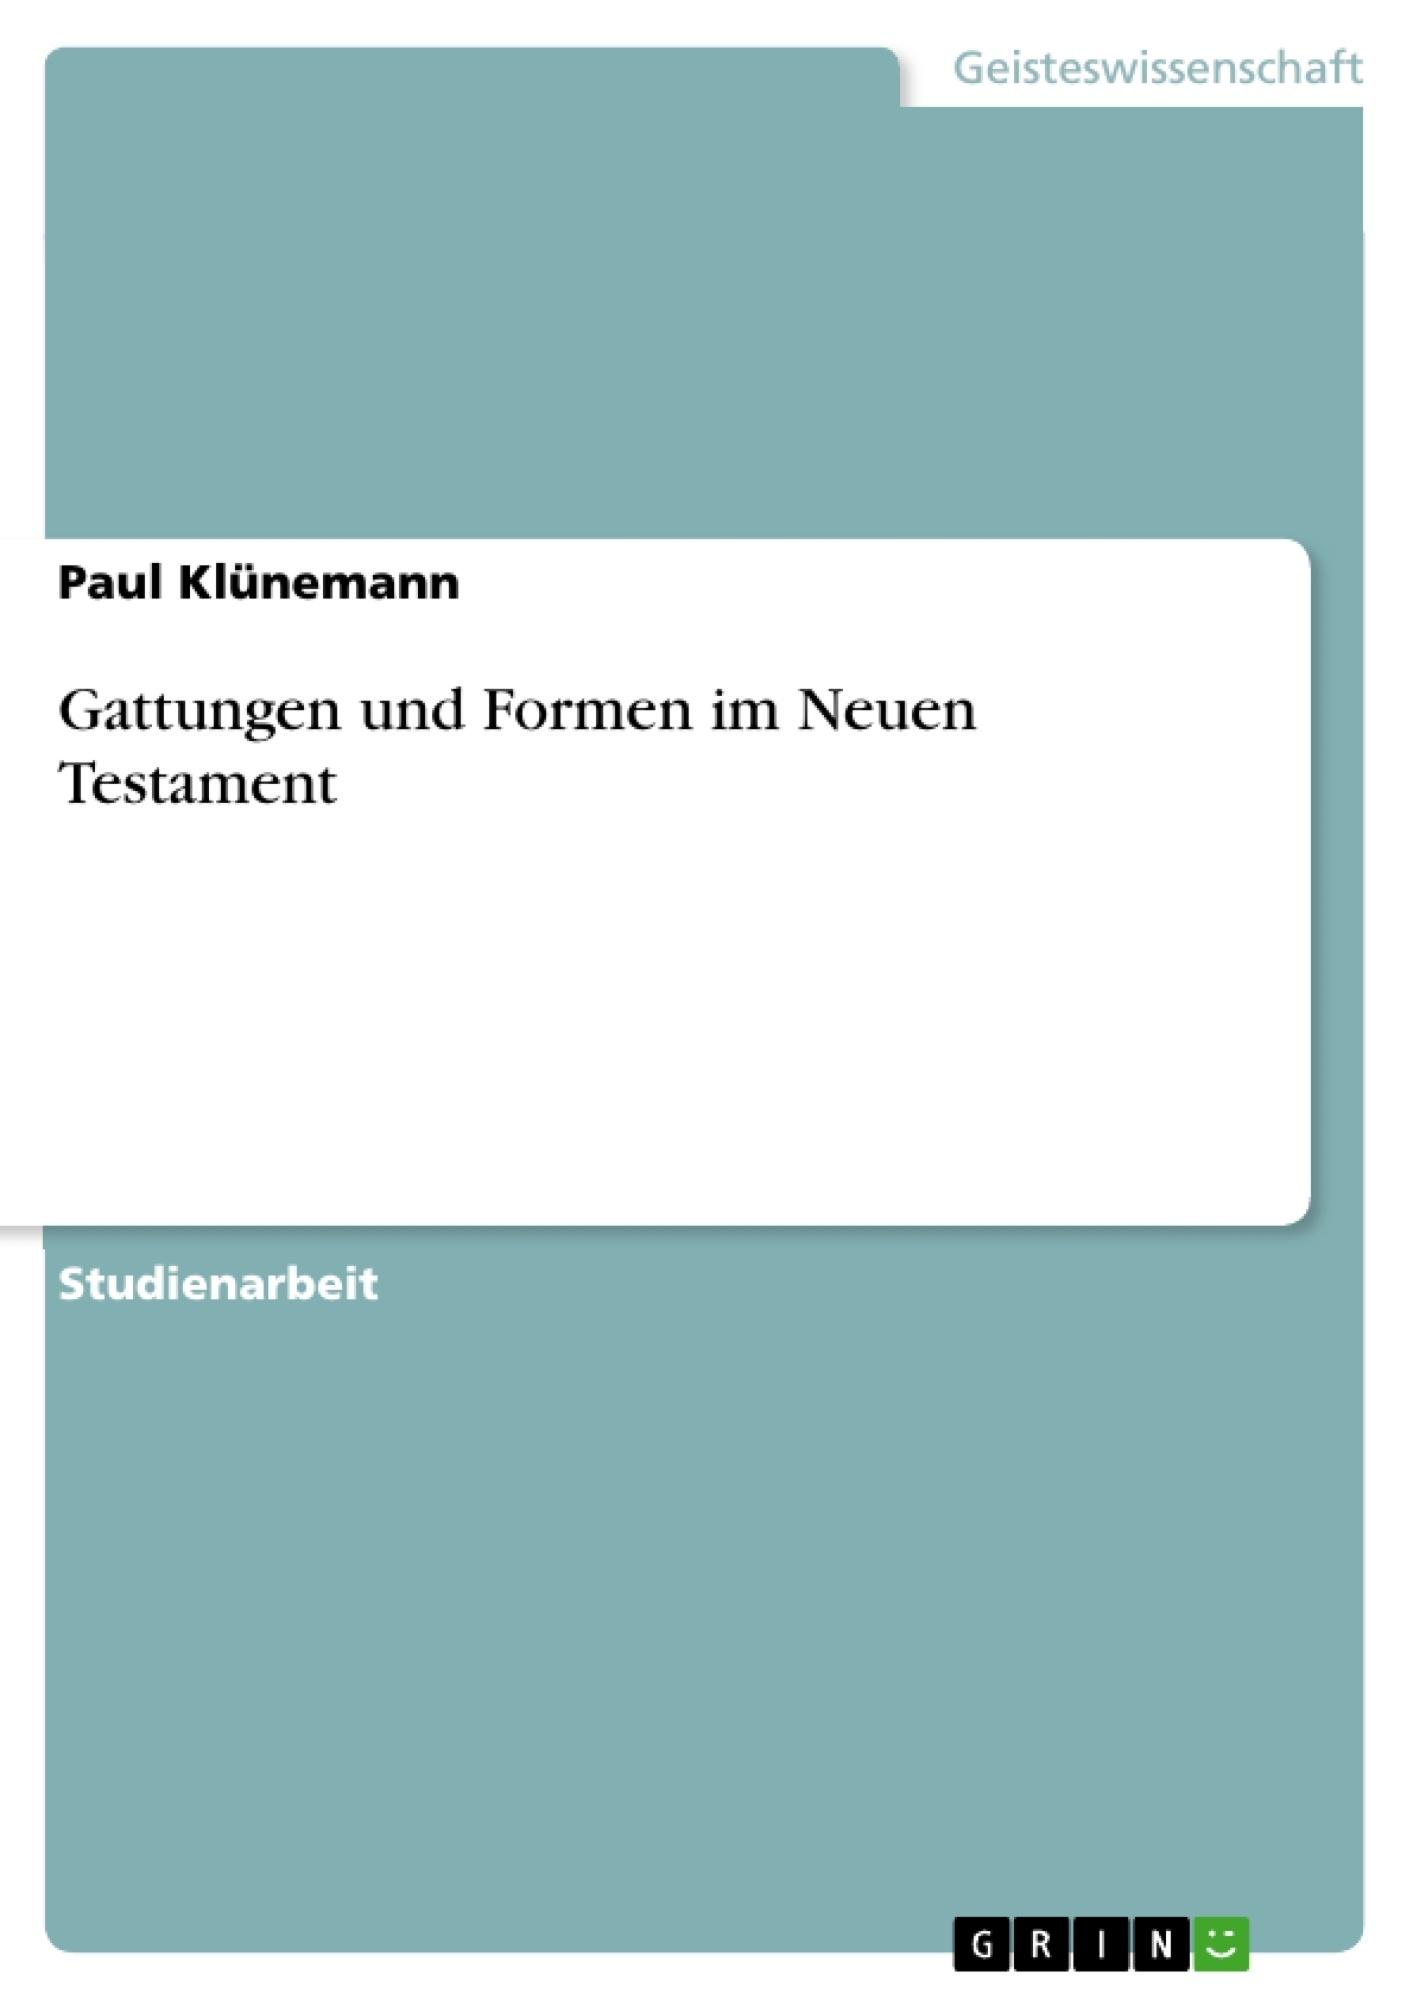 Titel: Gattungen und Formen im Neuen Testament